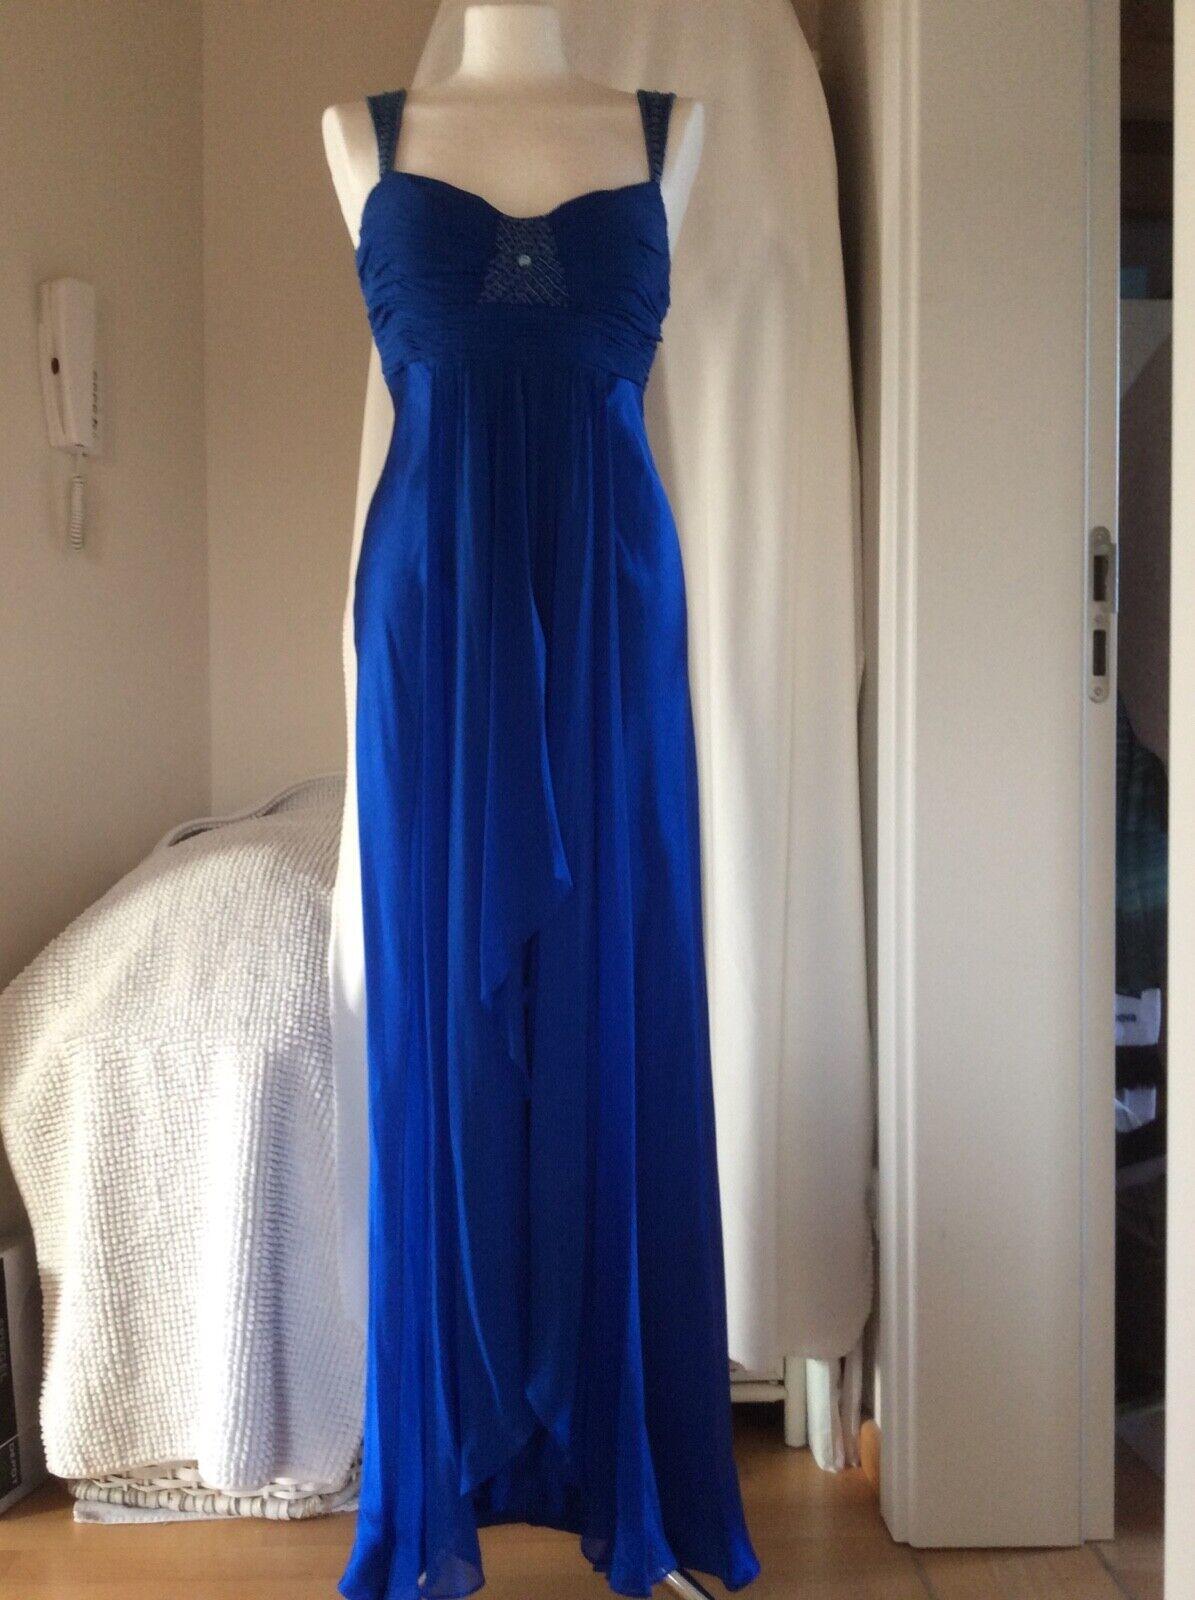 Abendkleid blau 34 36, Seide,verstellb.Träger,Abiball,Hochzeit,Party,1kl.Fehler